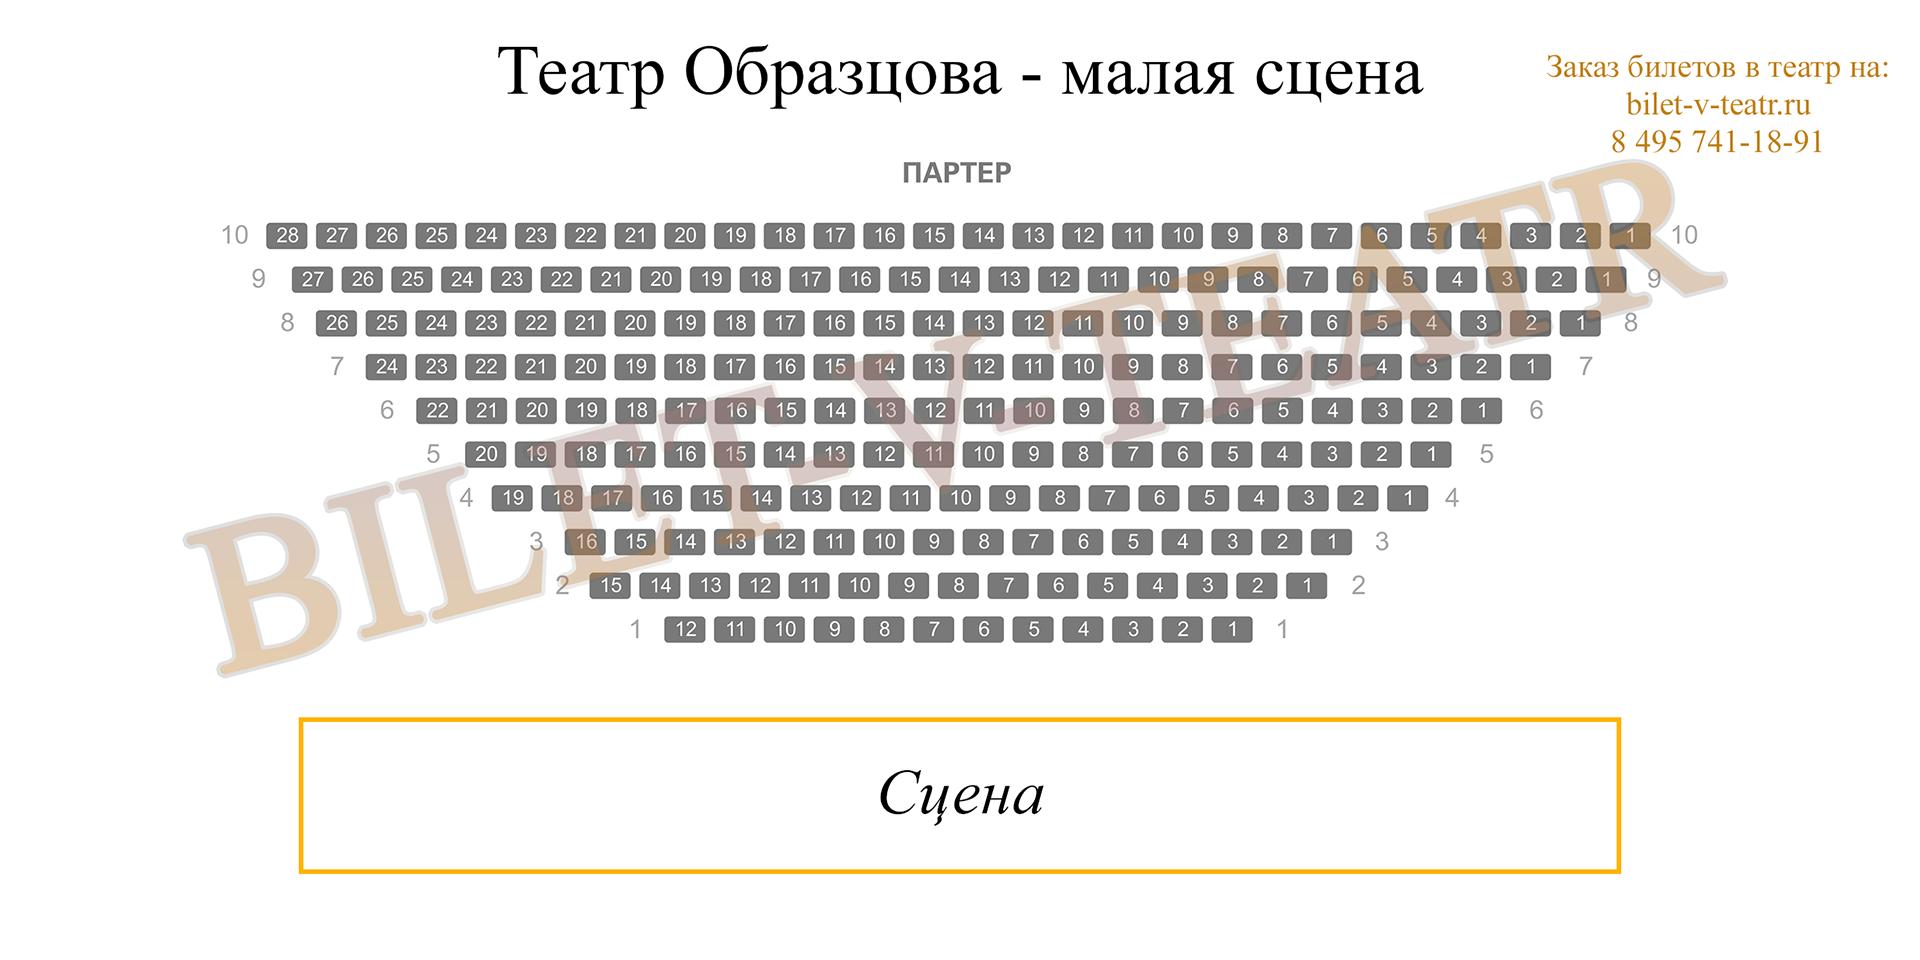 Схема зала театра образцова фото